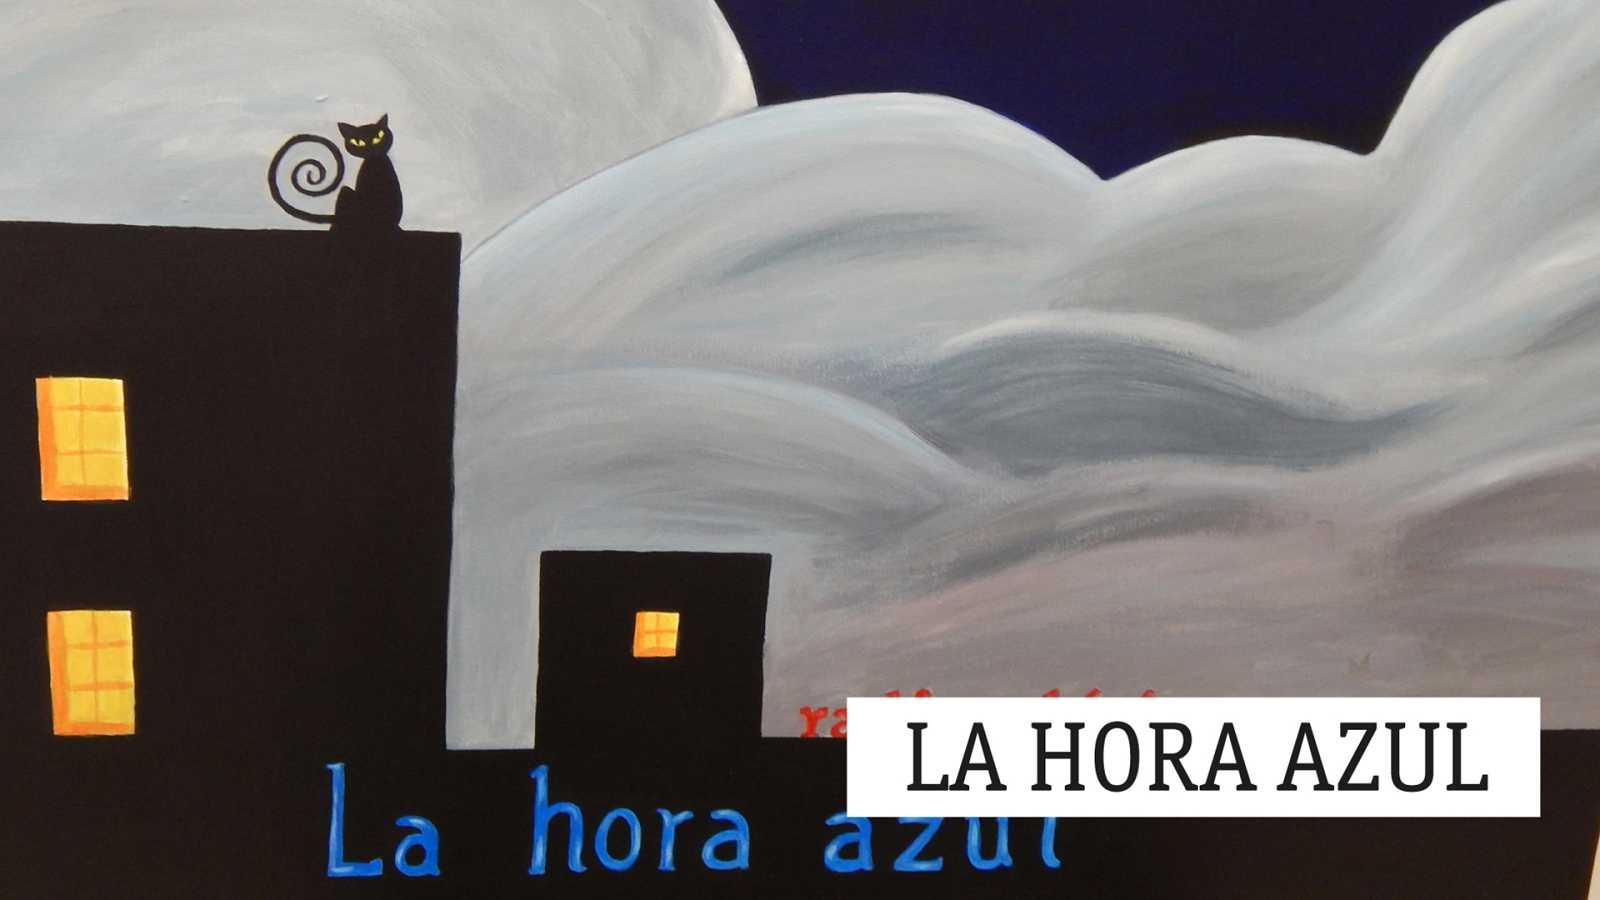 La hora azul - Dudamel, Antonio y Puccini - 12/02/21 - escuchar ahora